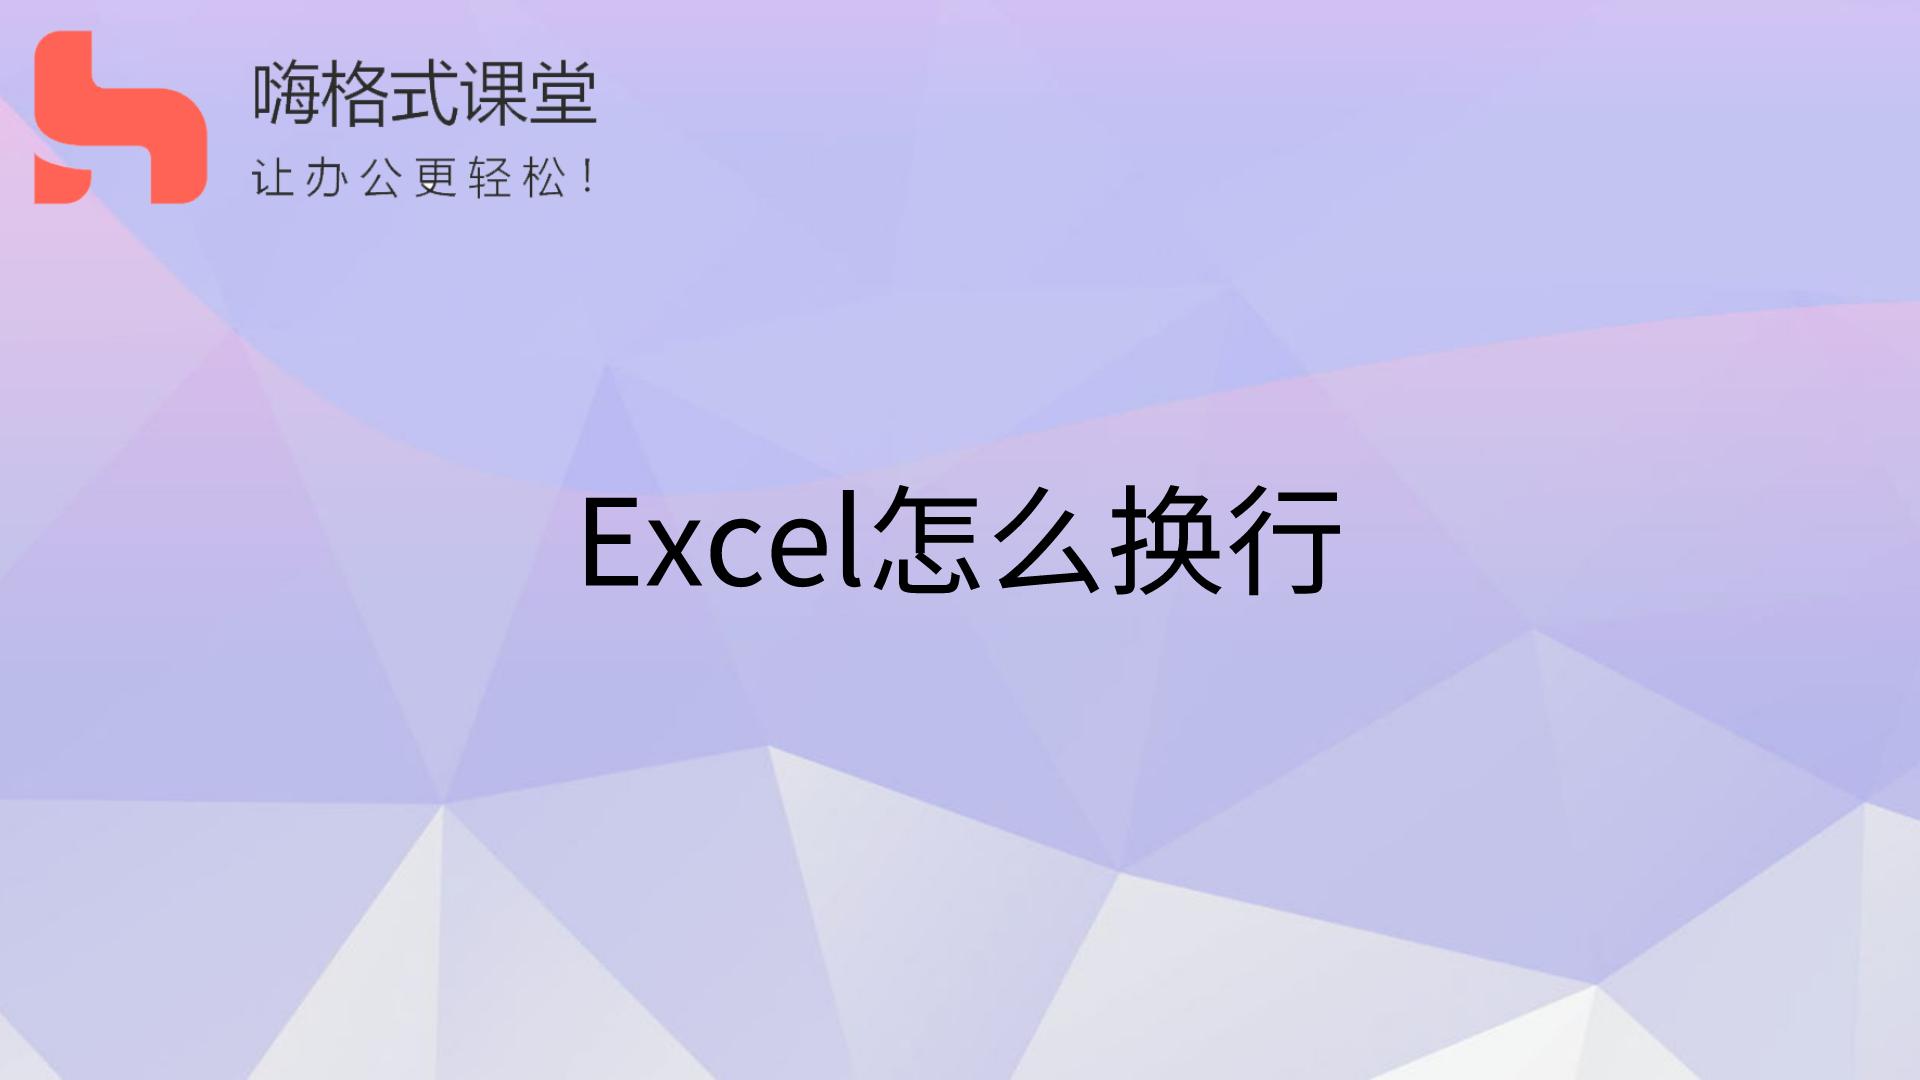 Excel怎么换行